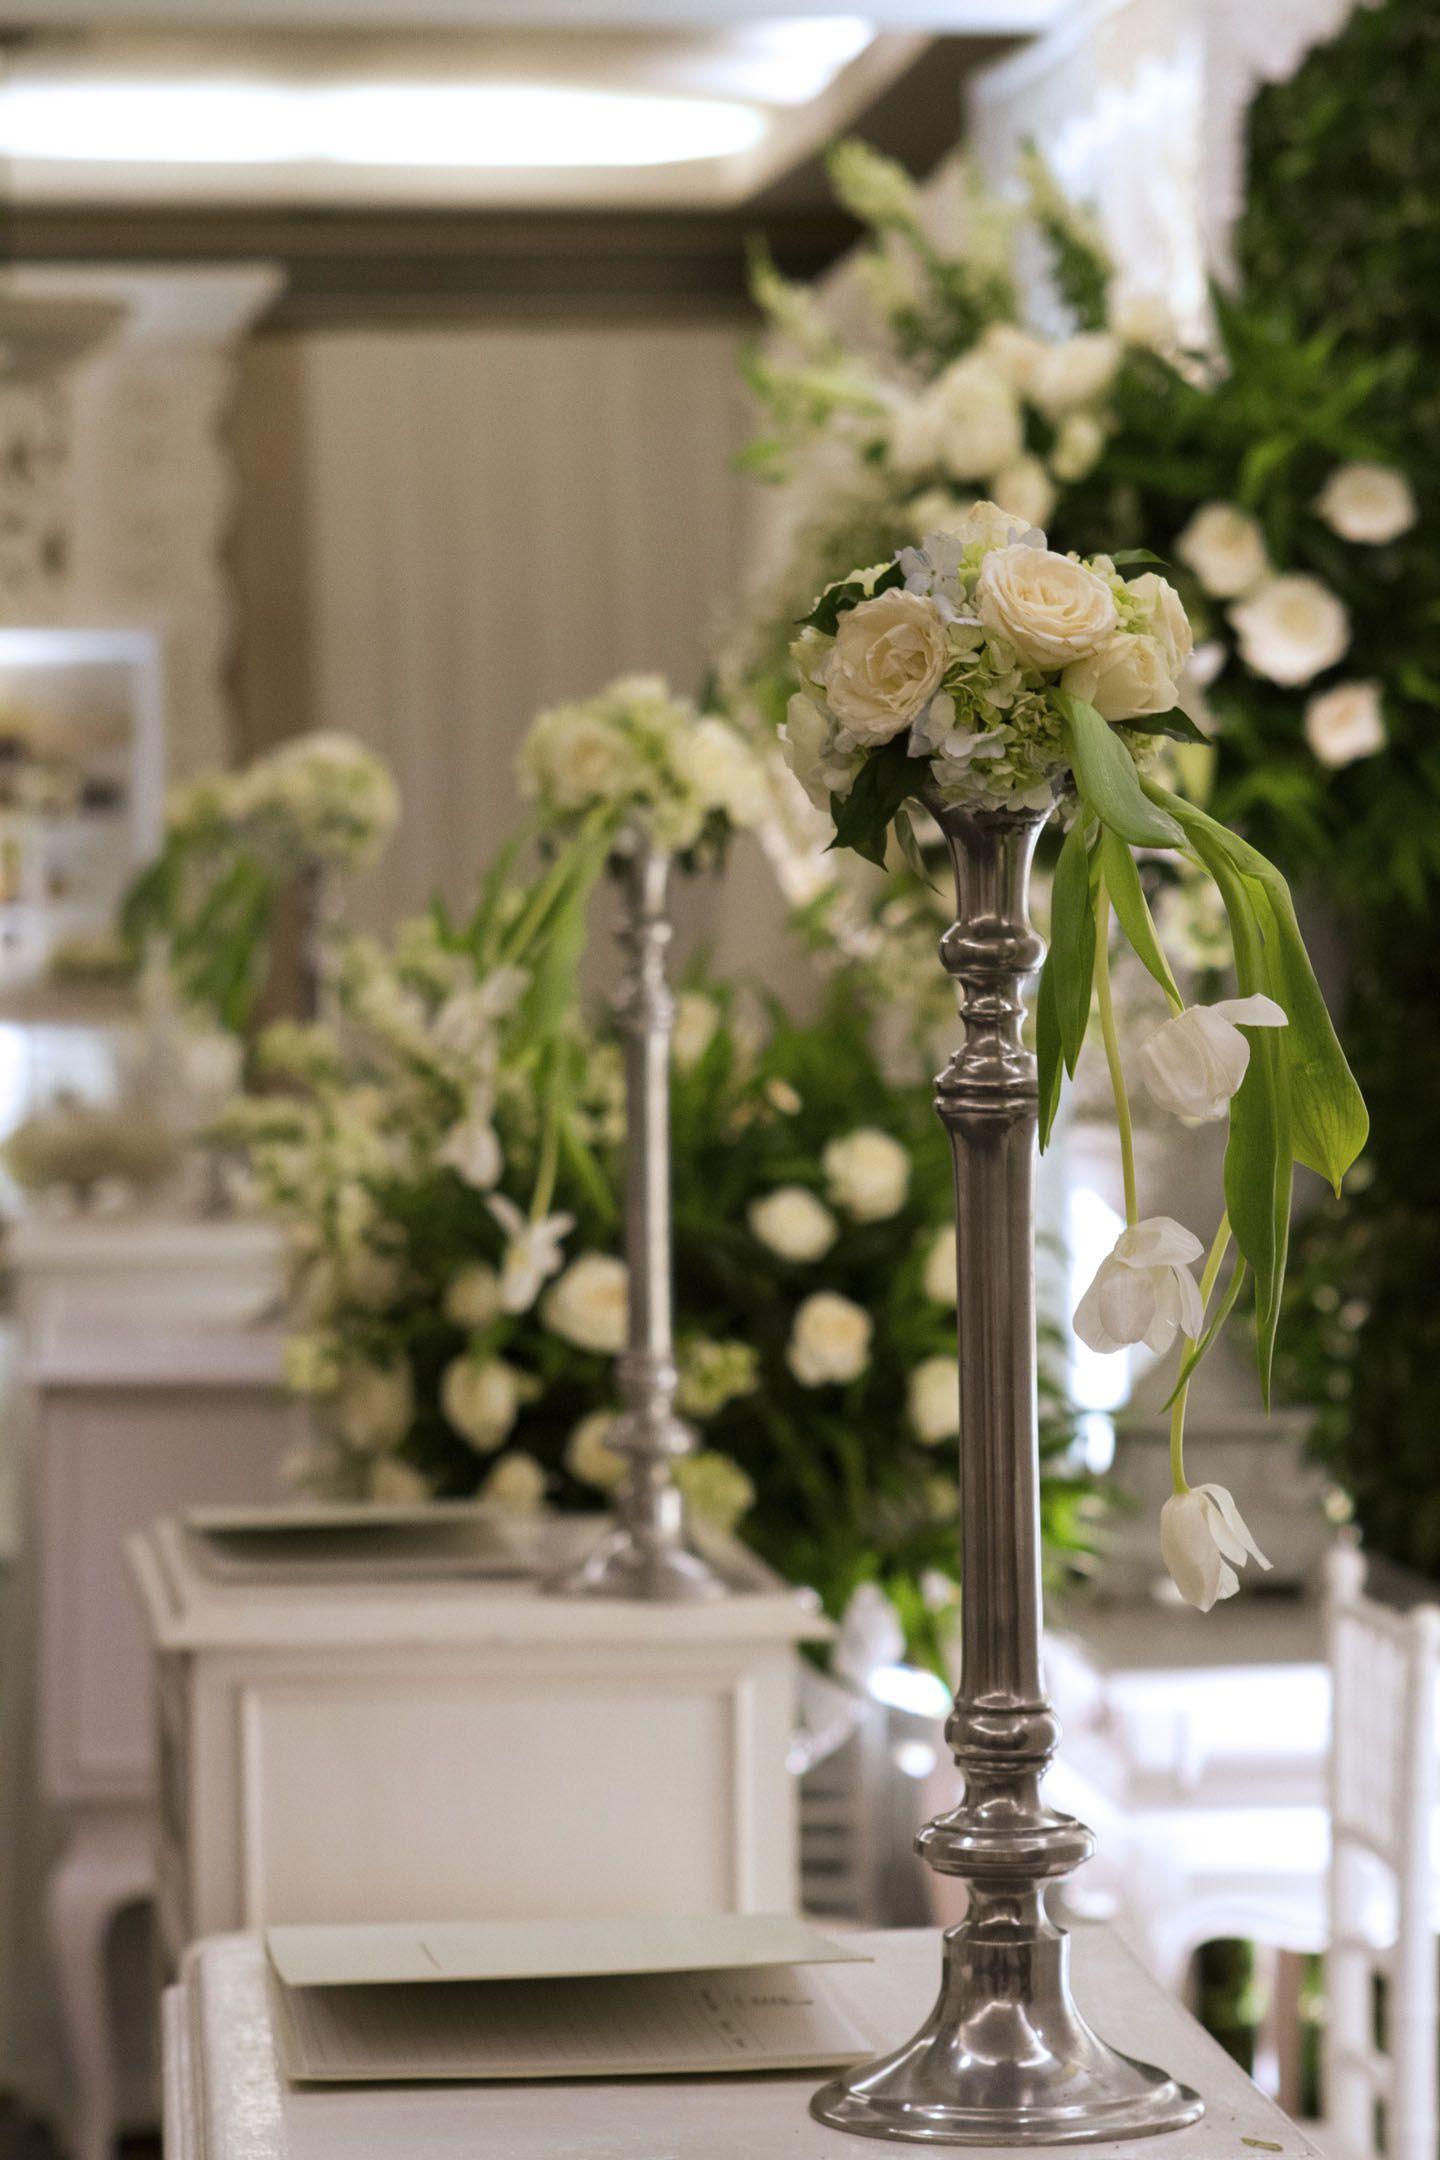 Decor mawarprada dekorasi pernikahan elegant pelaminan wedding decor mawarprada dekorasi pernikahan elegant pelaminan wedding decoration junglespirit Images